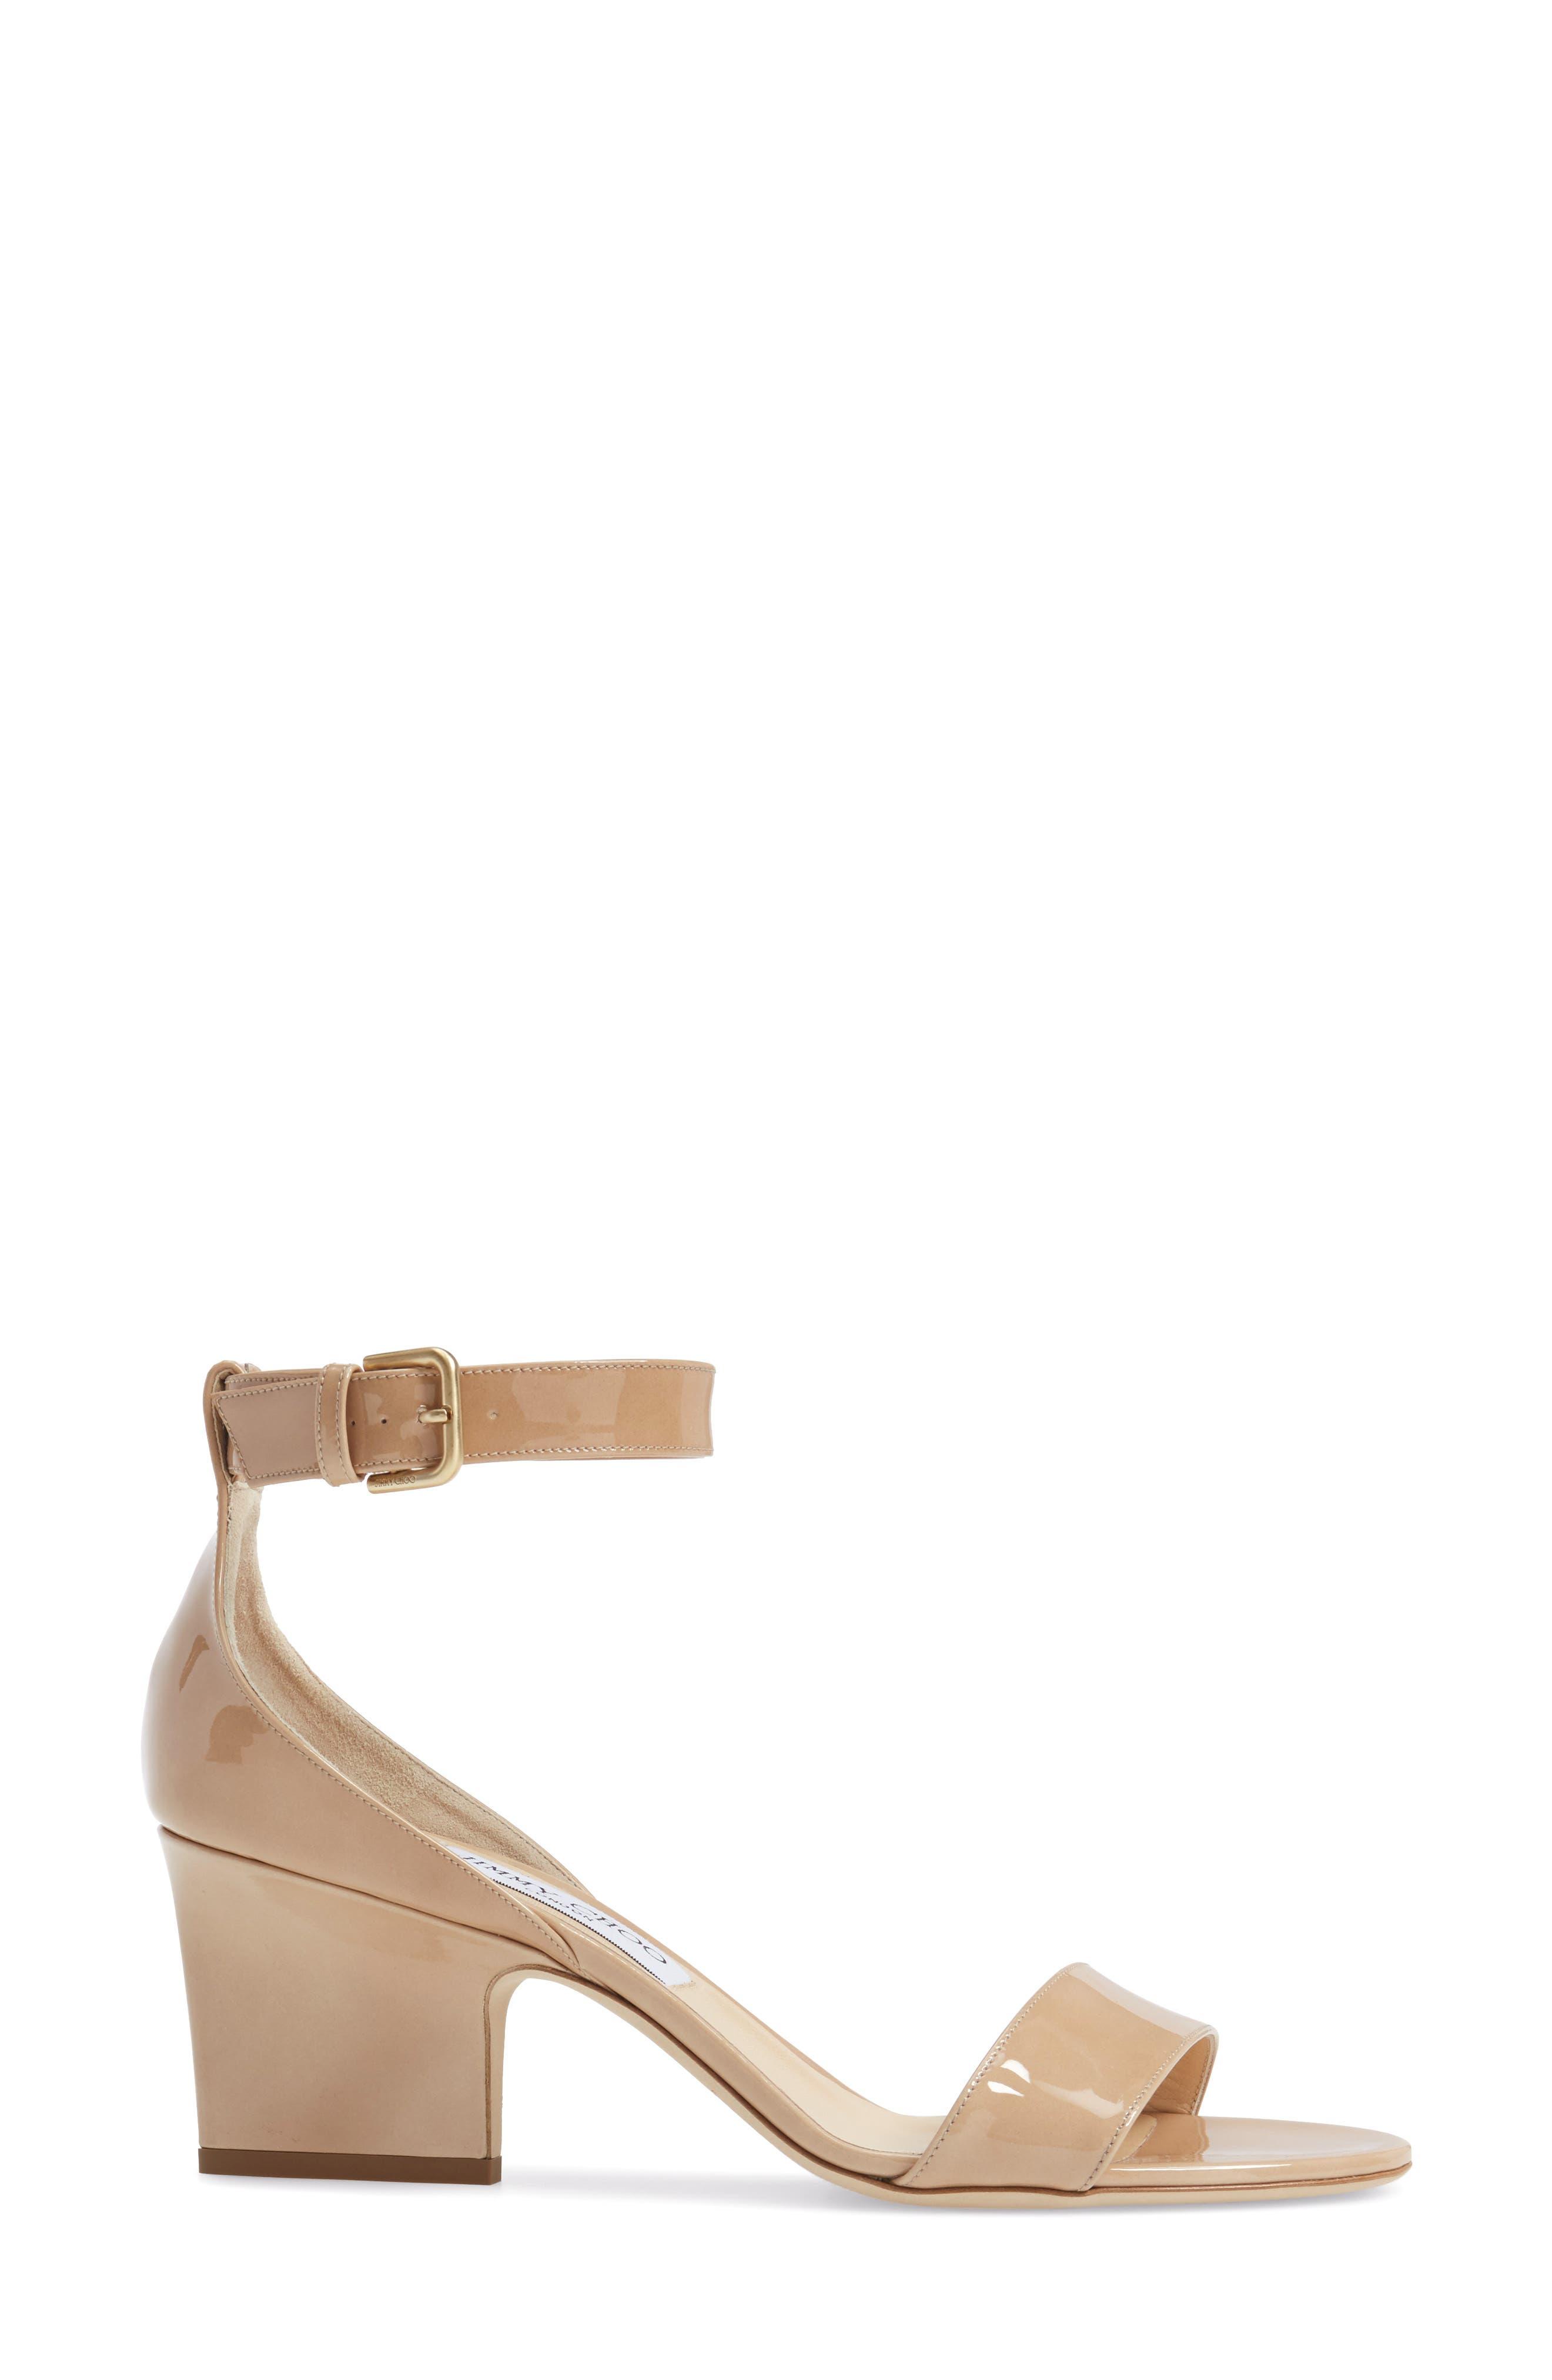 Edina Ankle Strap Sandal,                             Alternate thumbnail 3, color,                             Nude Patent